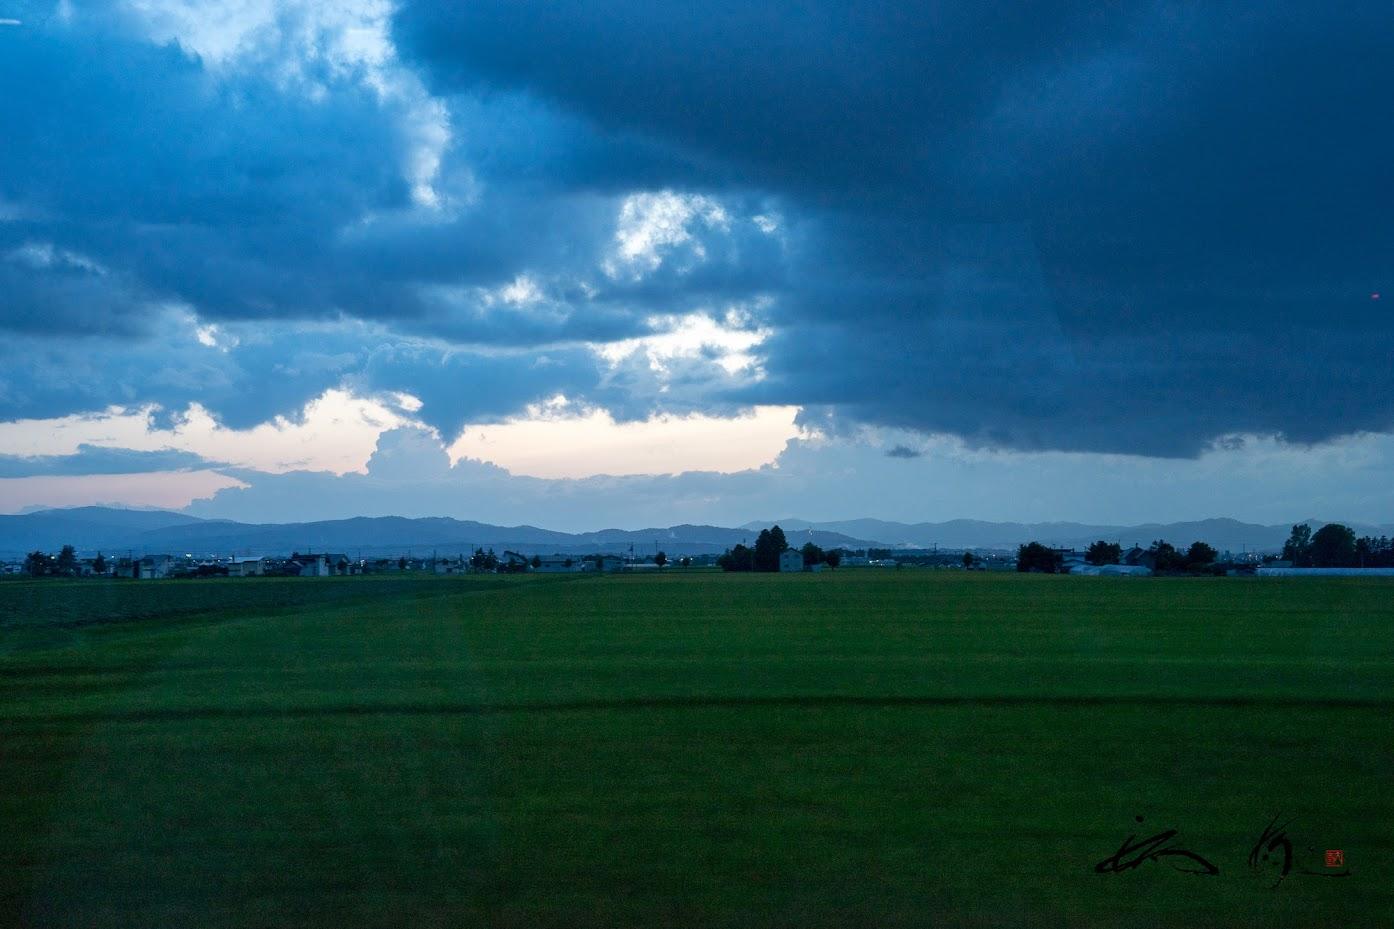 緑の水田と青い雲